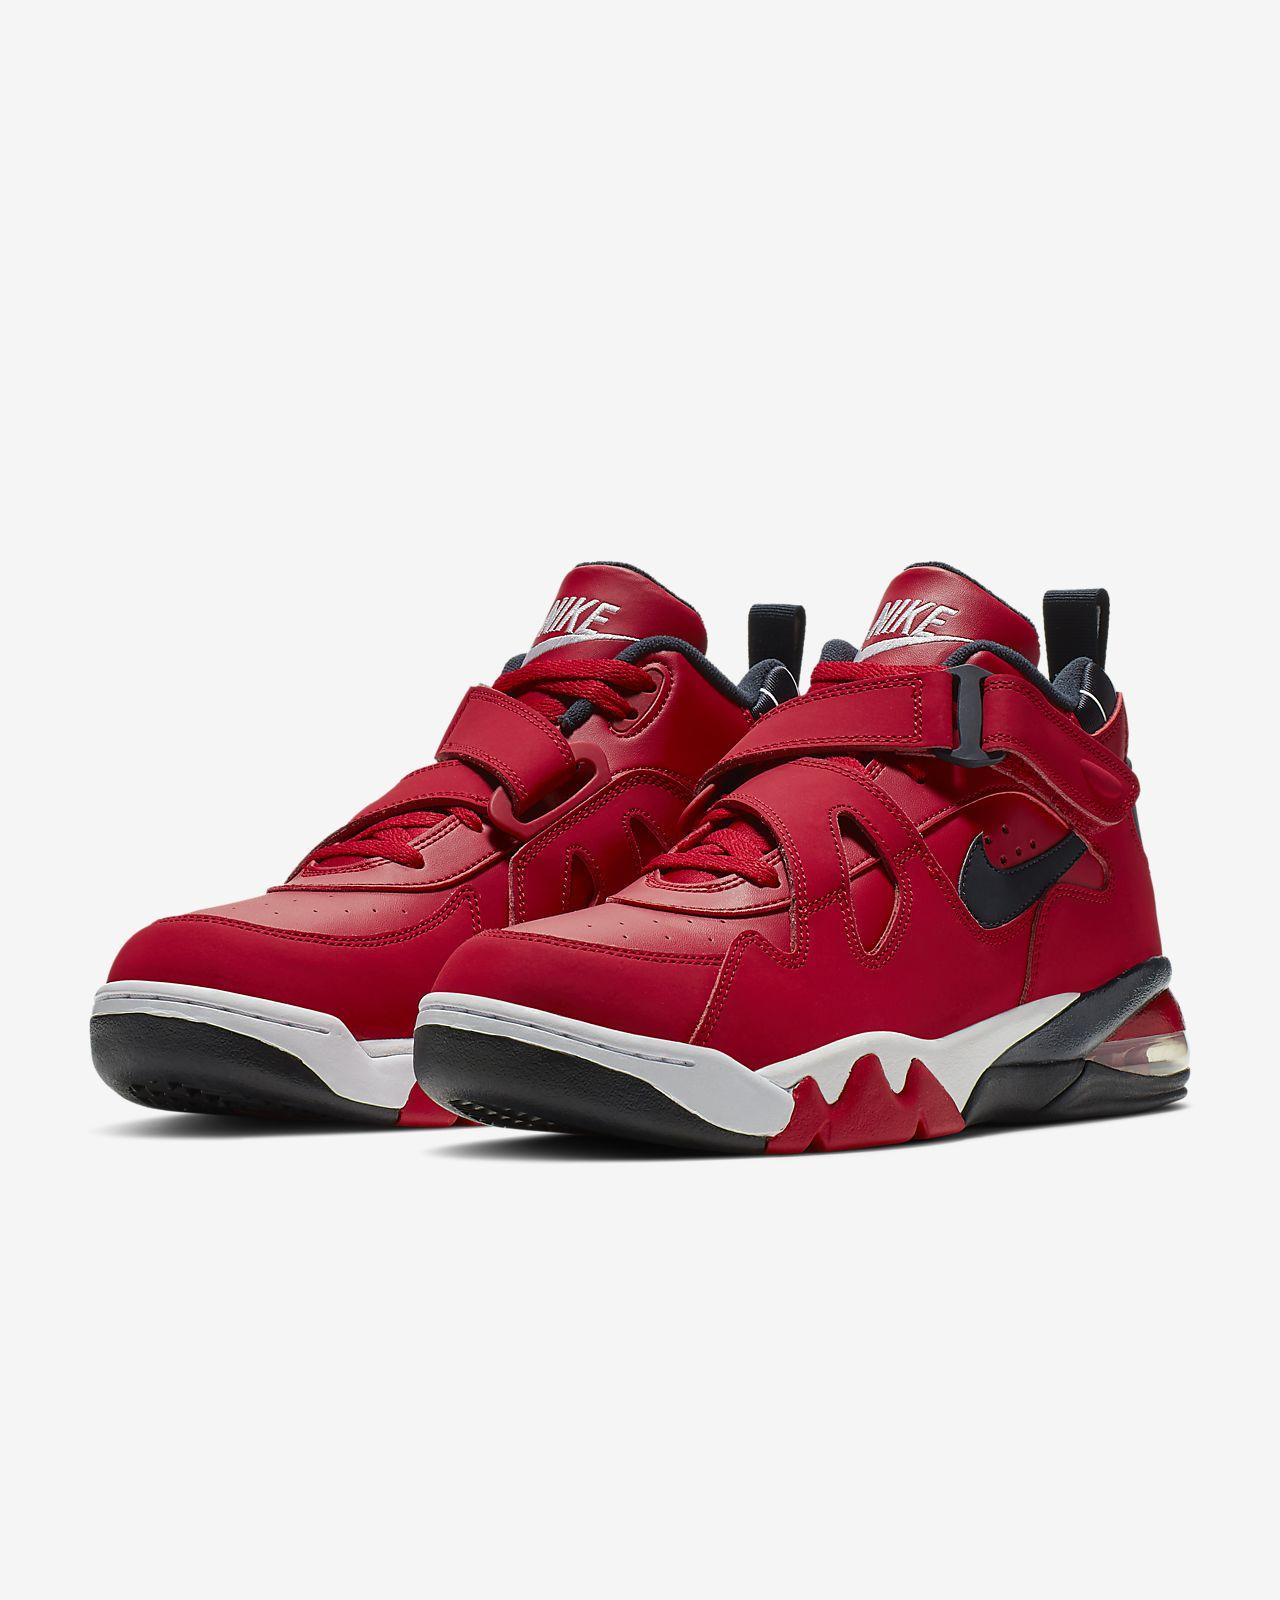 Air Force Max CB Men's Shoe   Nike air force max, Nike air, Nike